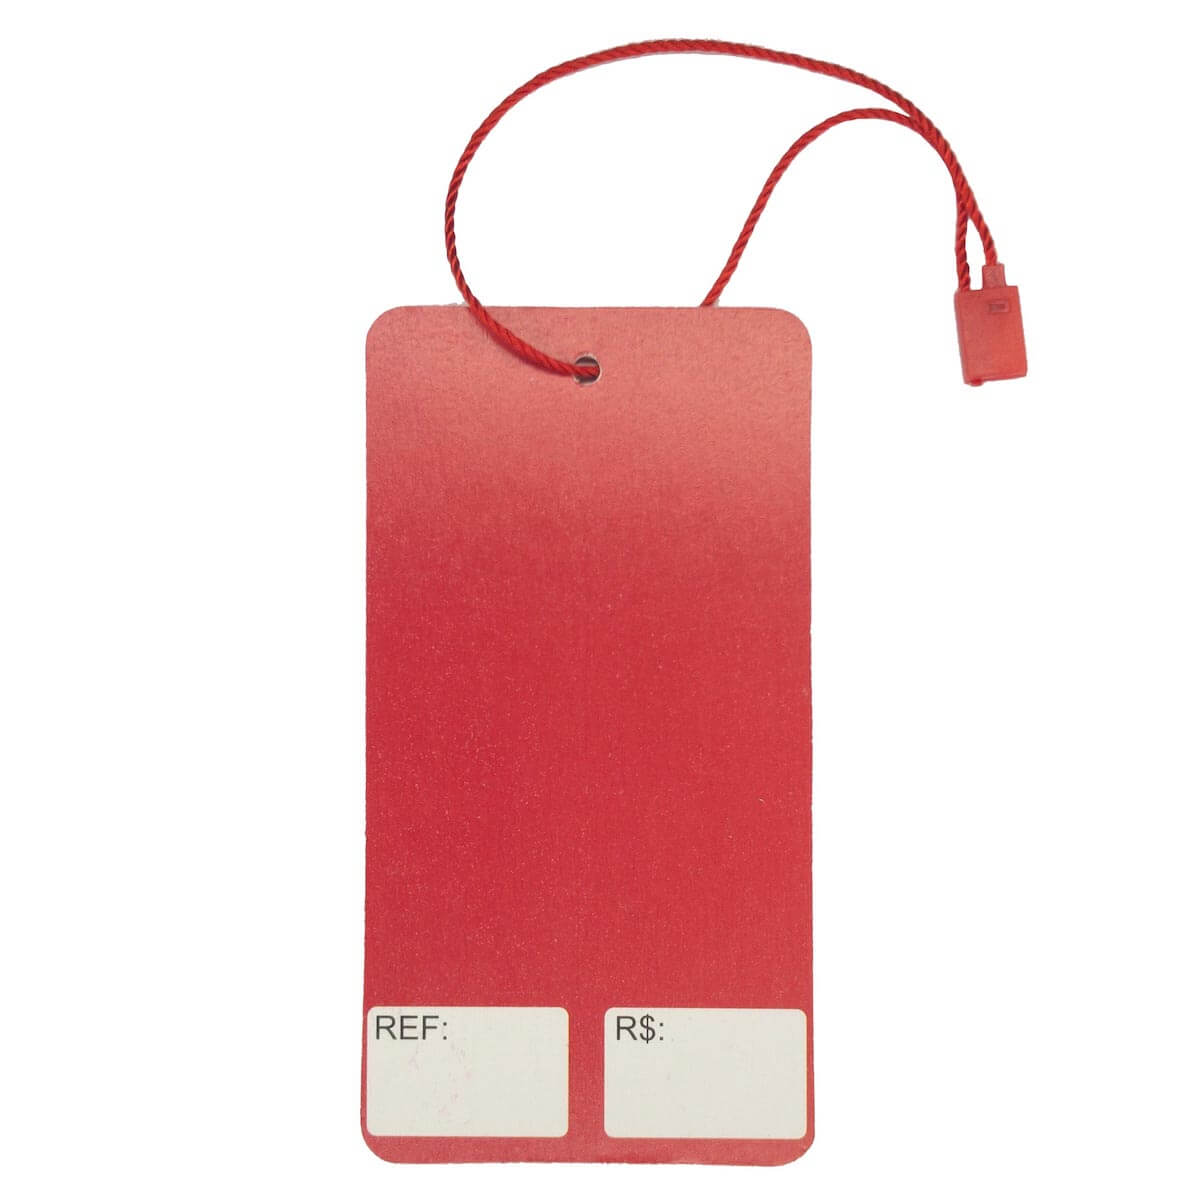 ad4a27b316 ... Tag para Roupas Liquidação Vermelho com Branco Retangular 10.000 Peças